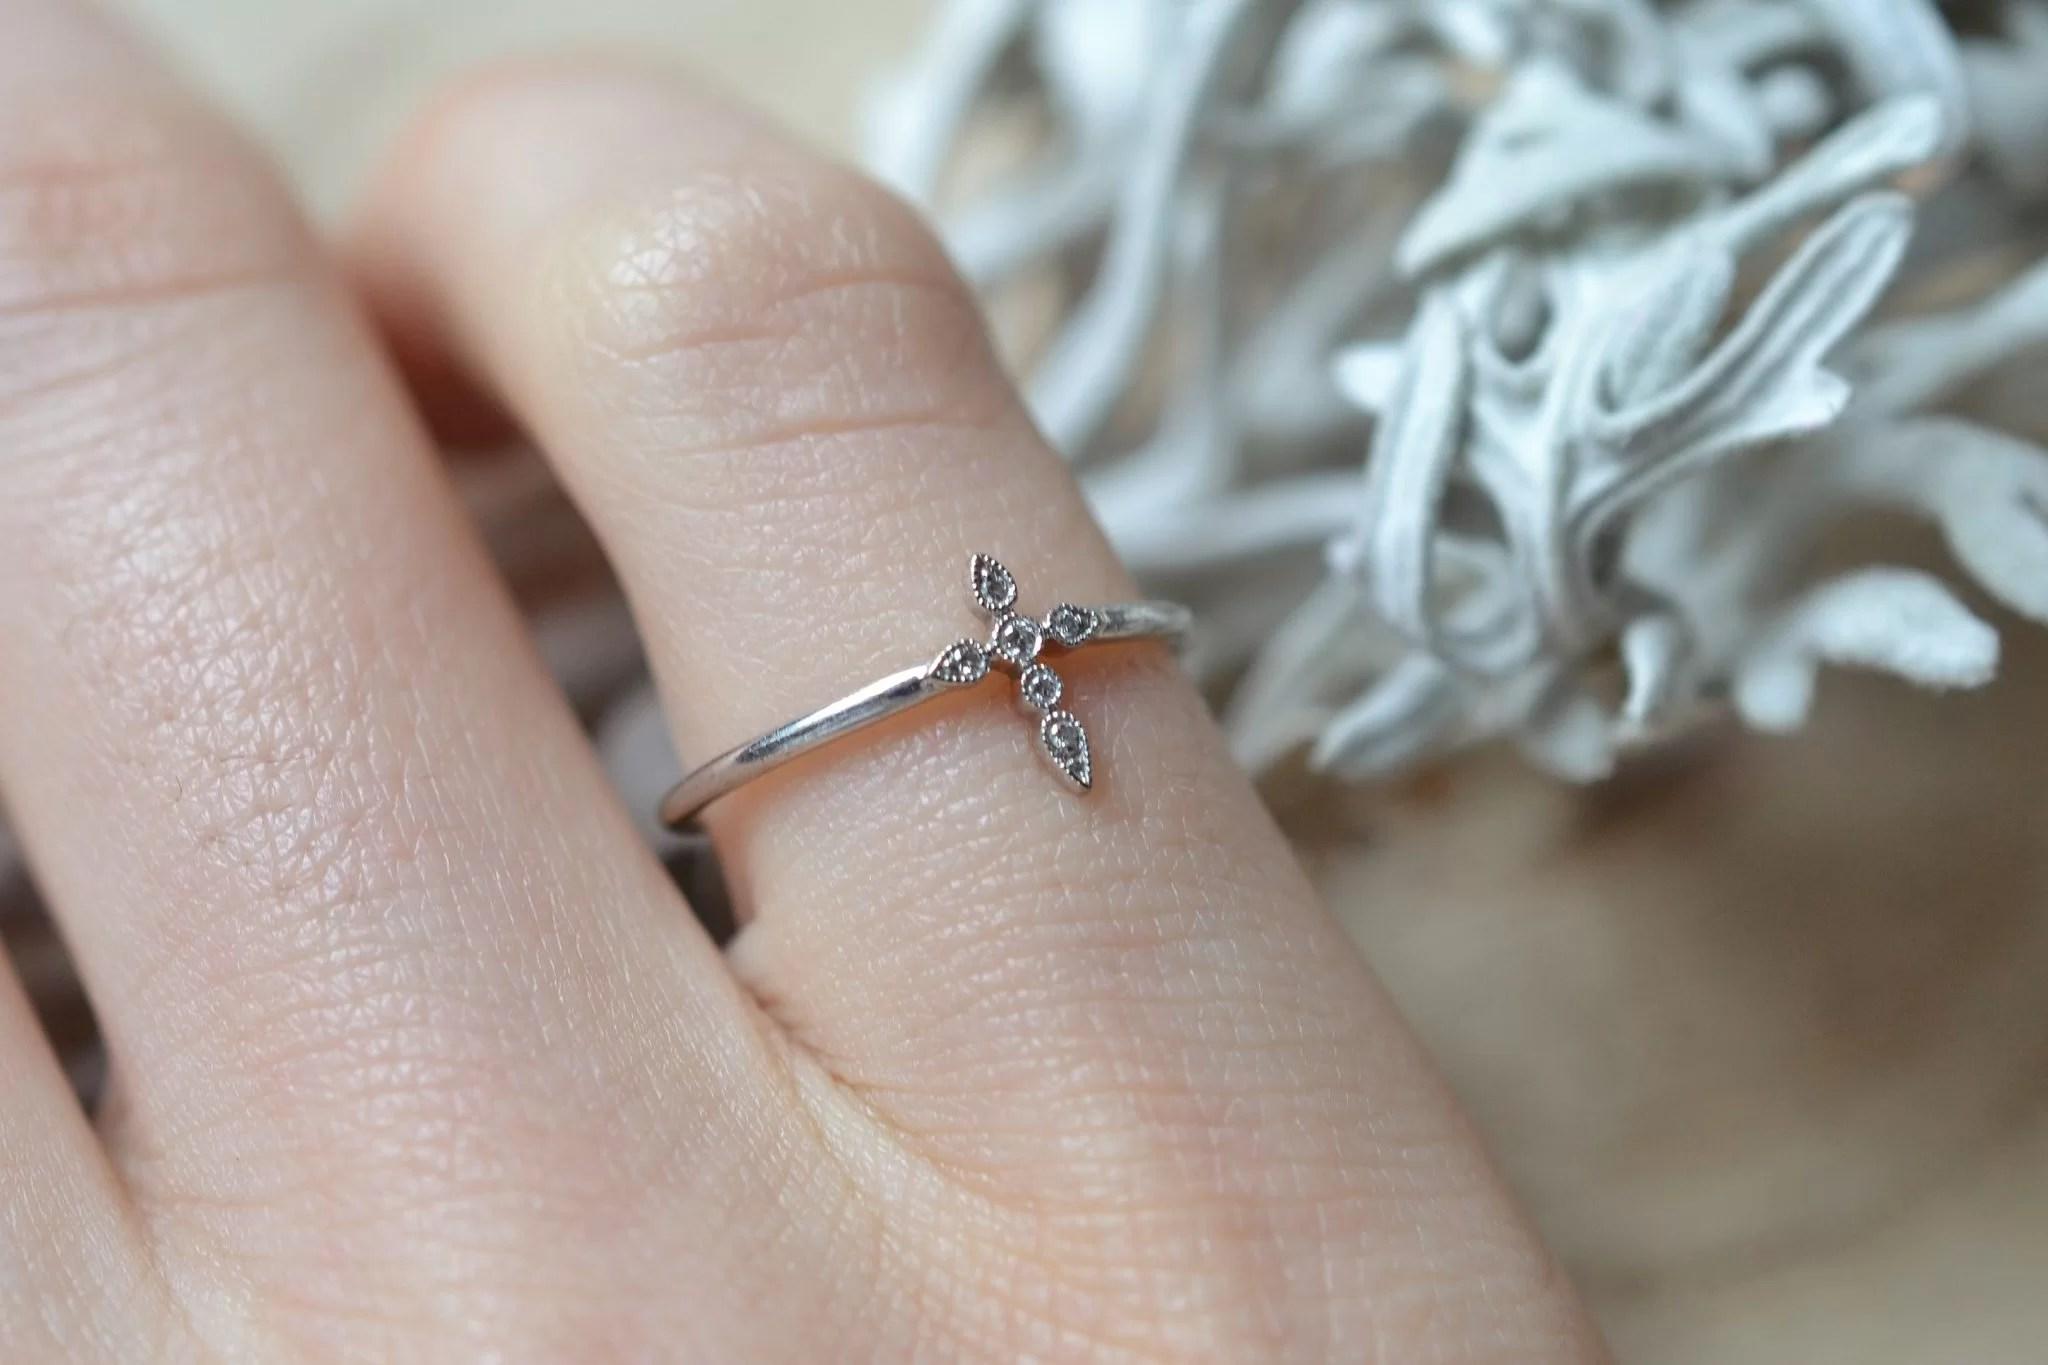 Bague en Or blanc sertie d_une petite bague _Croix_ agrémentée de 6 petits diamants - bague d_occasion